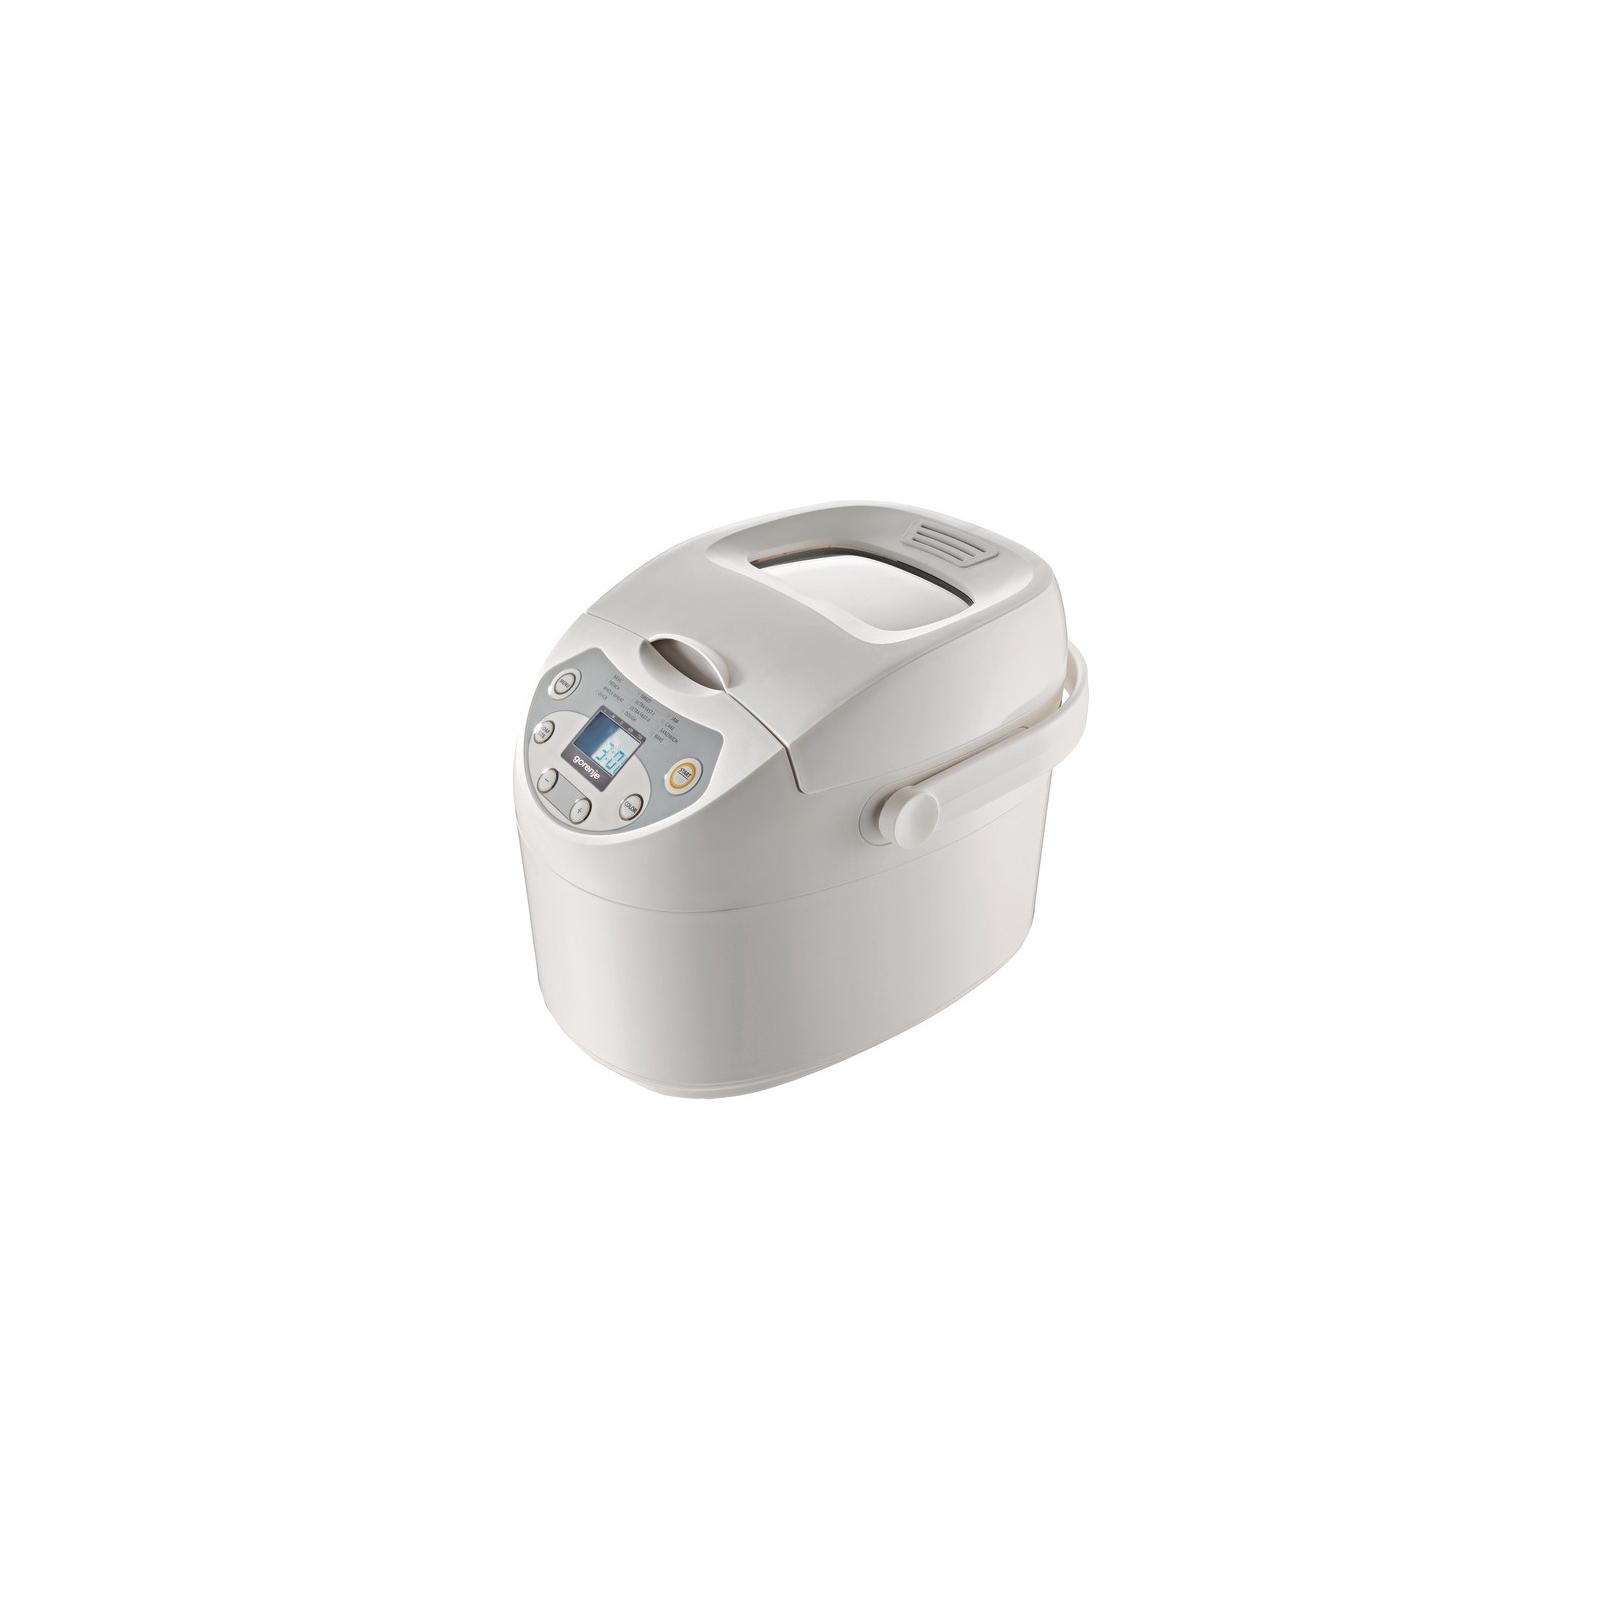 Хлебопечь Gorenje BM 900 W (BM900W)